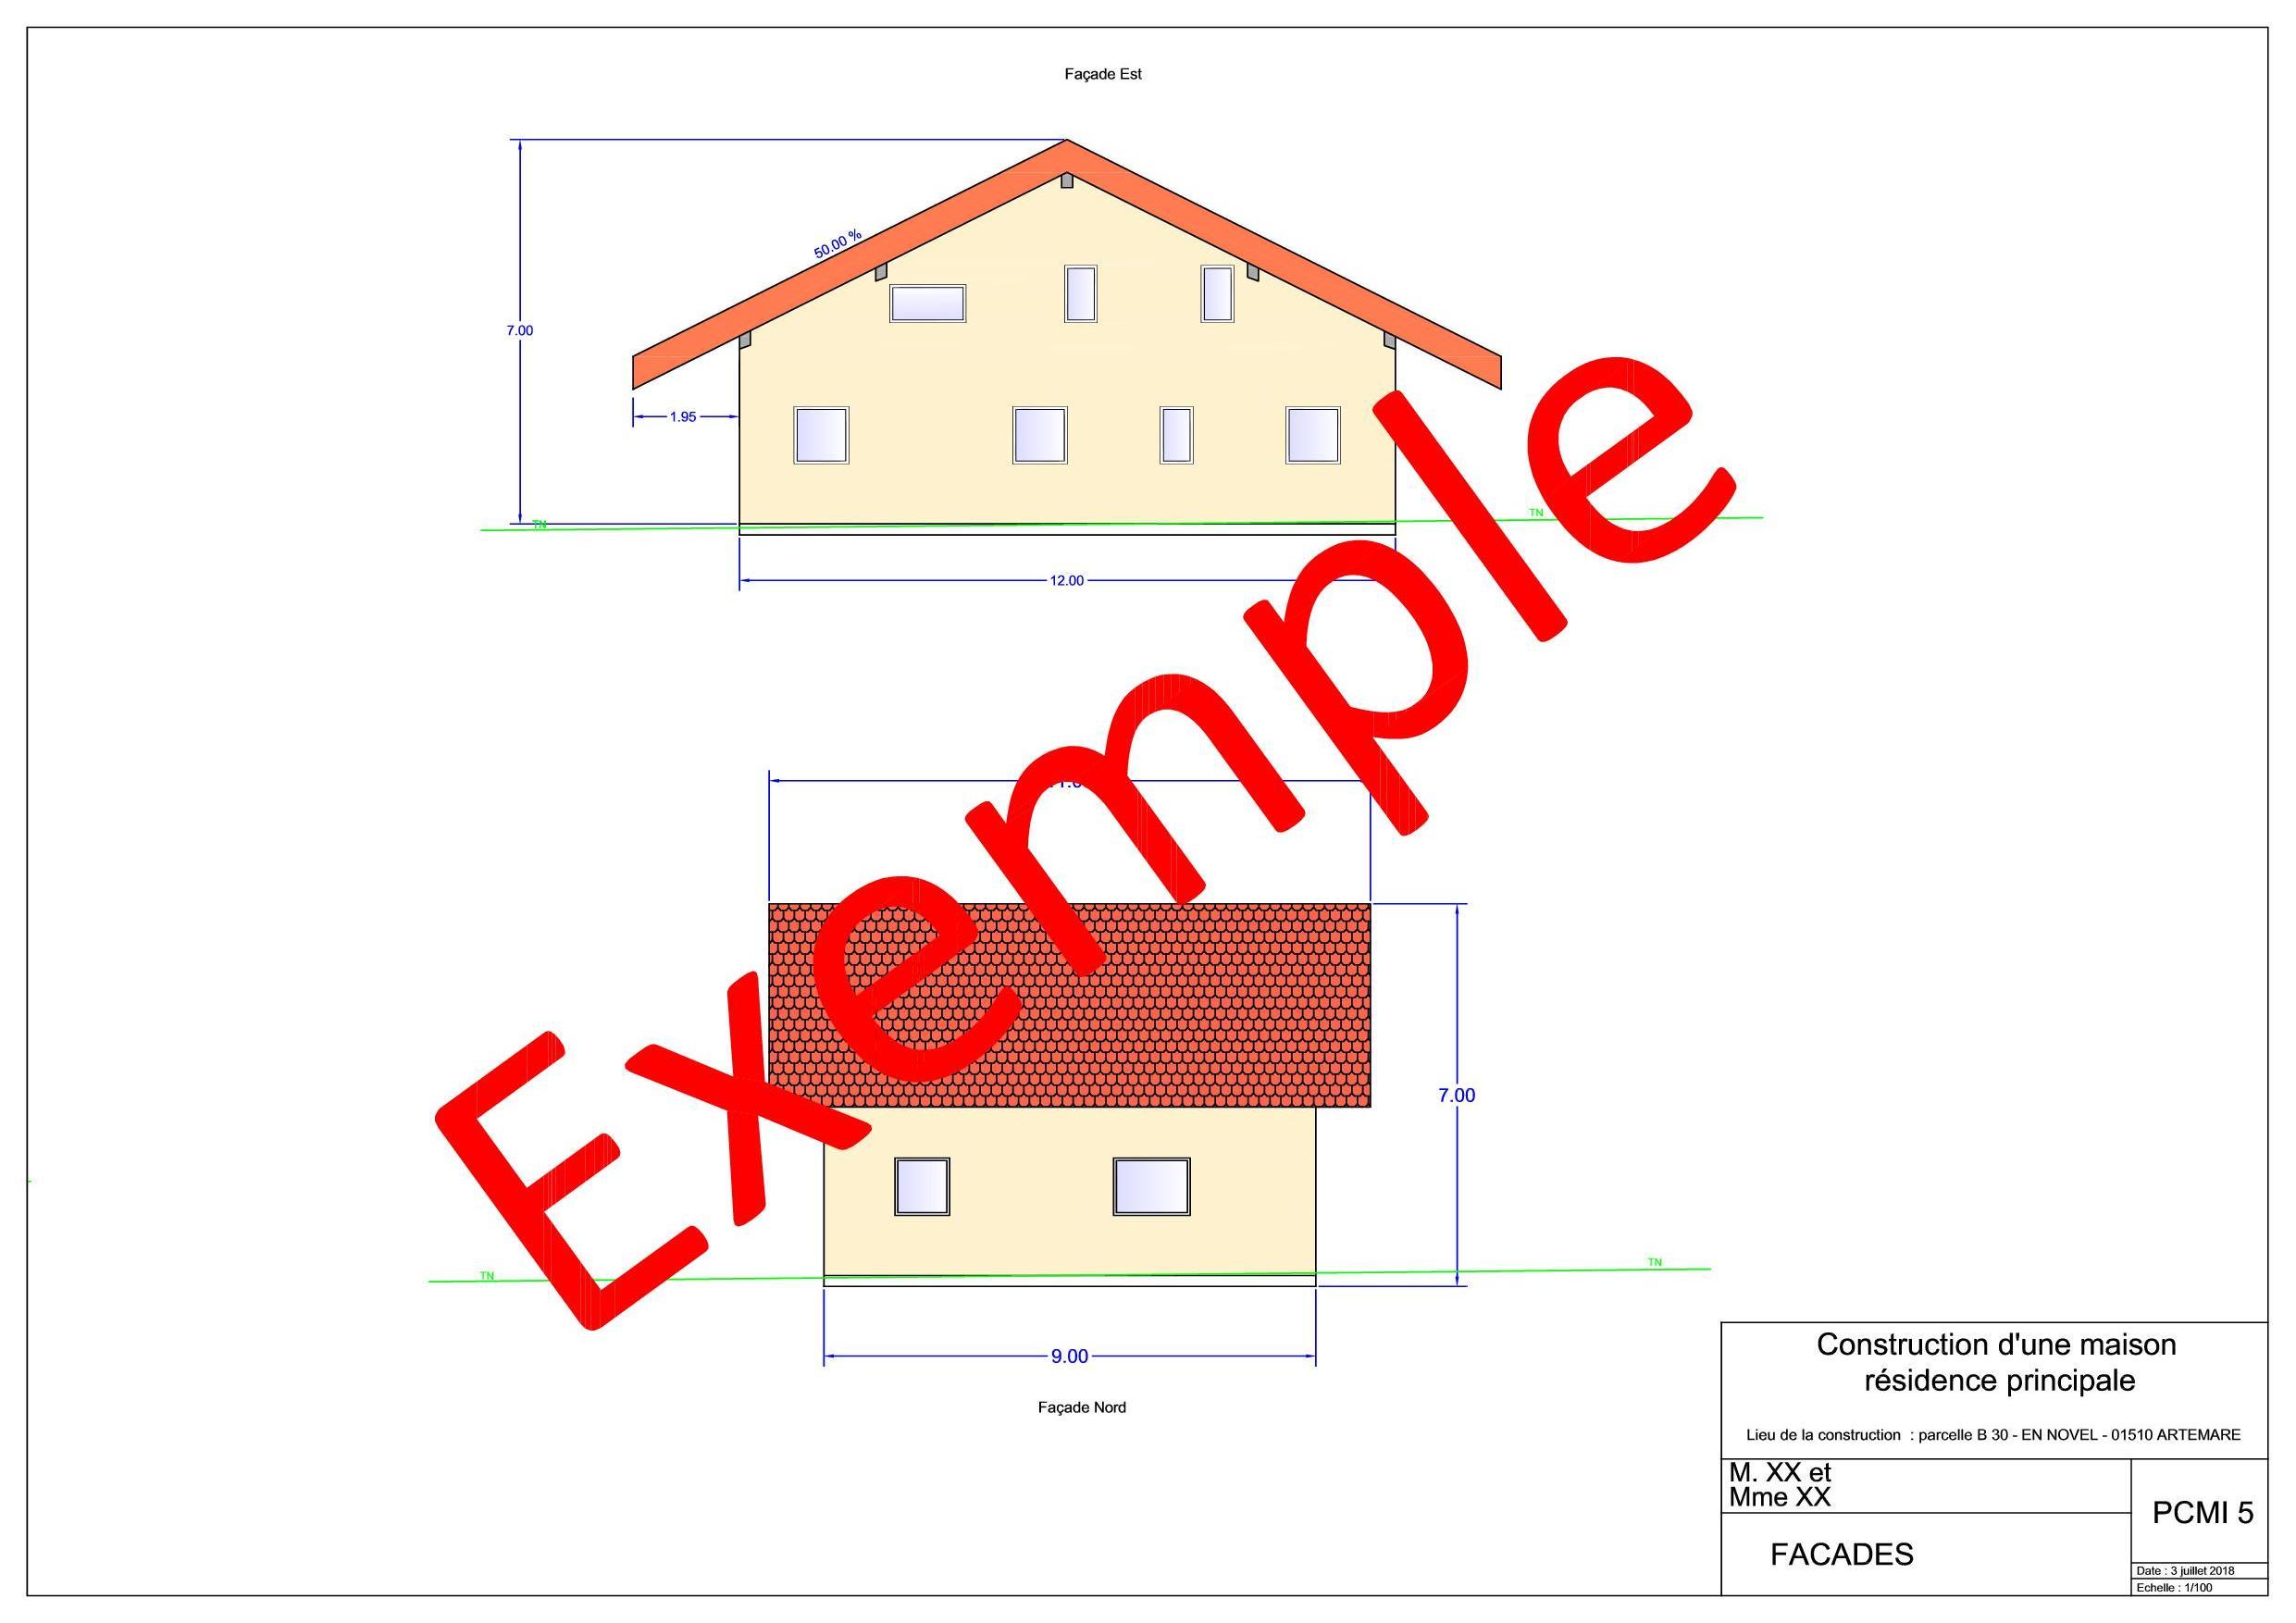 7 Plan des façades et toitures n°1 (pcmi5 obligatoire)